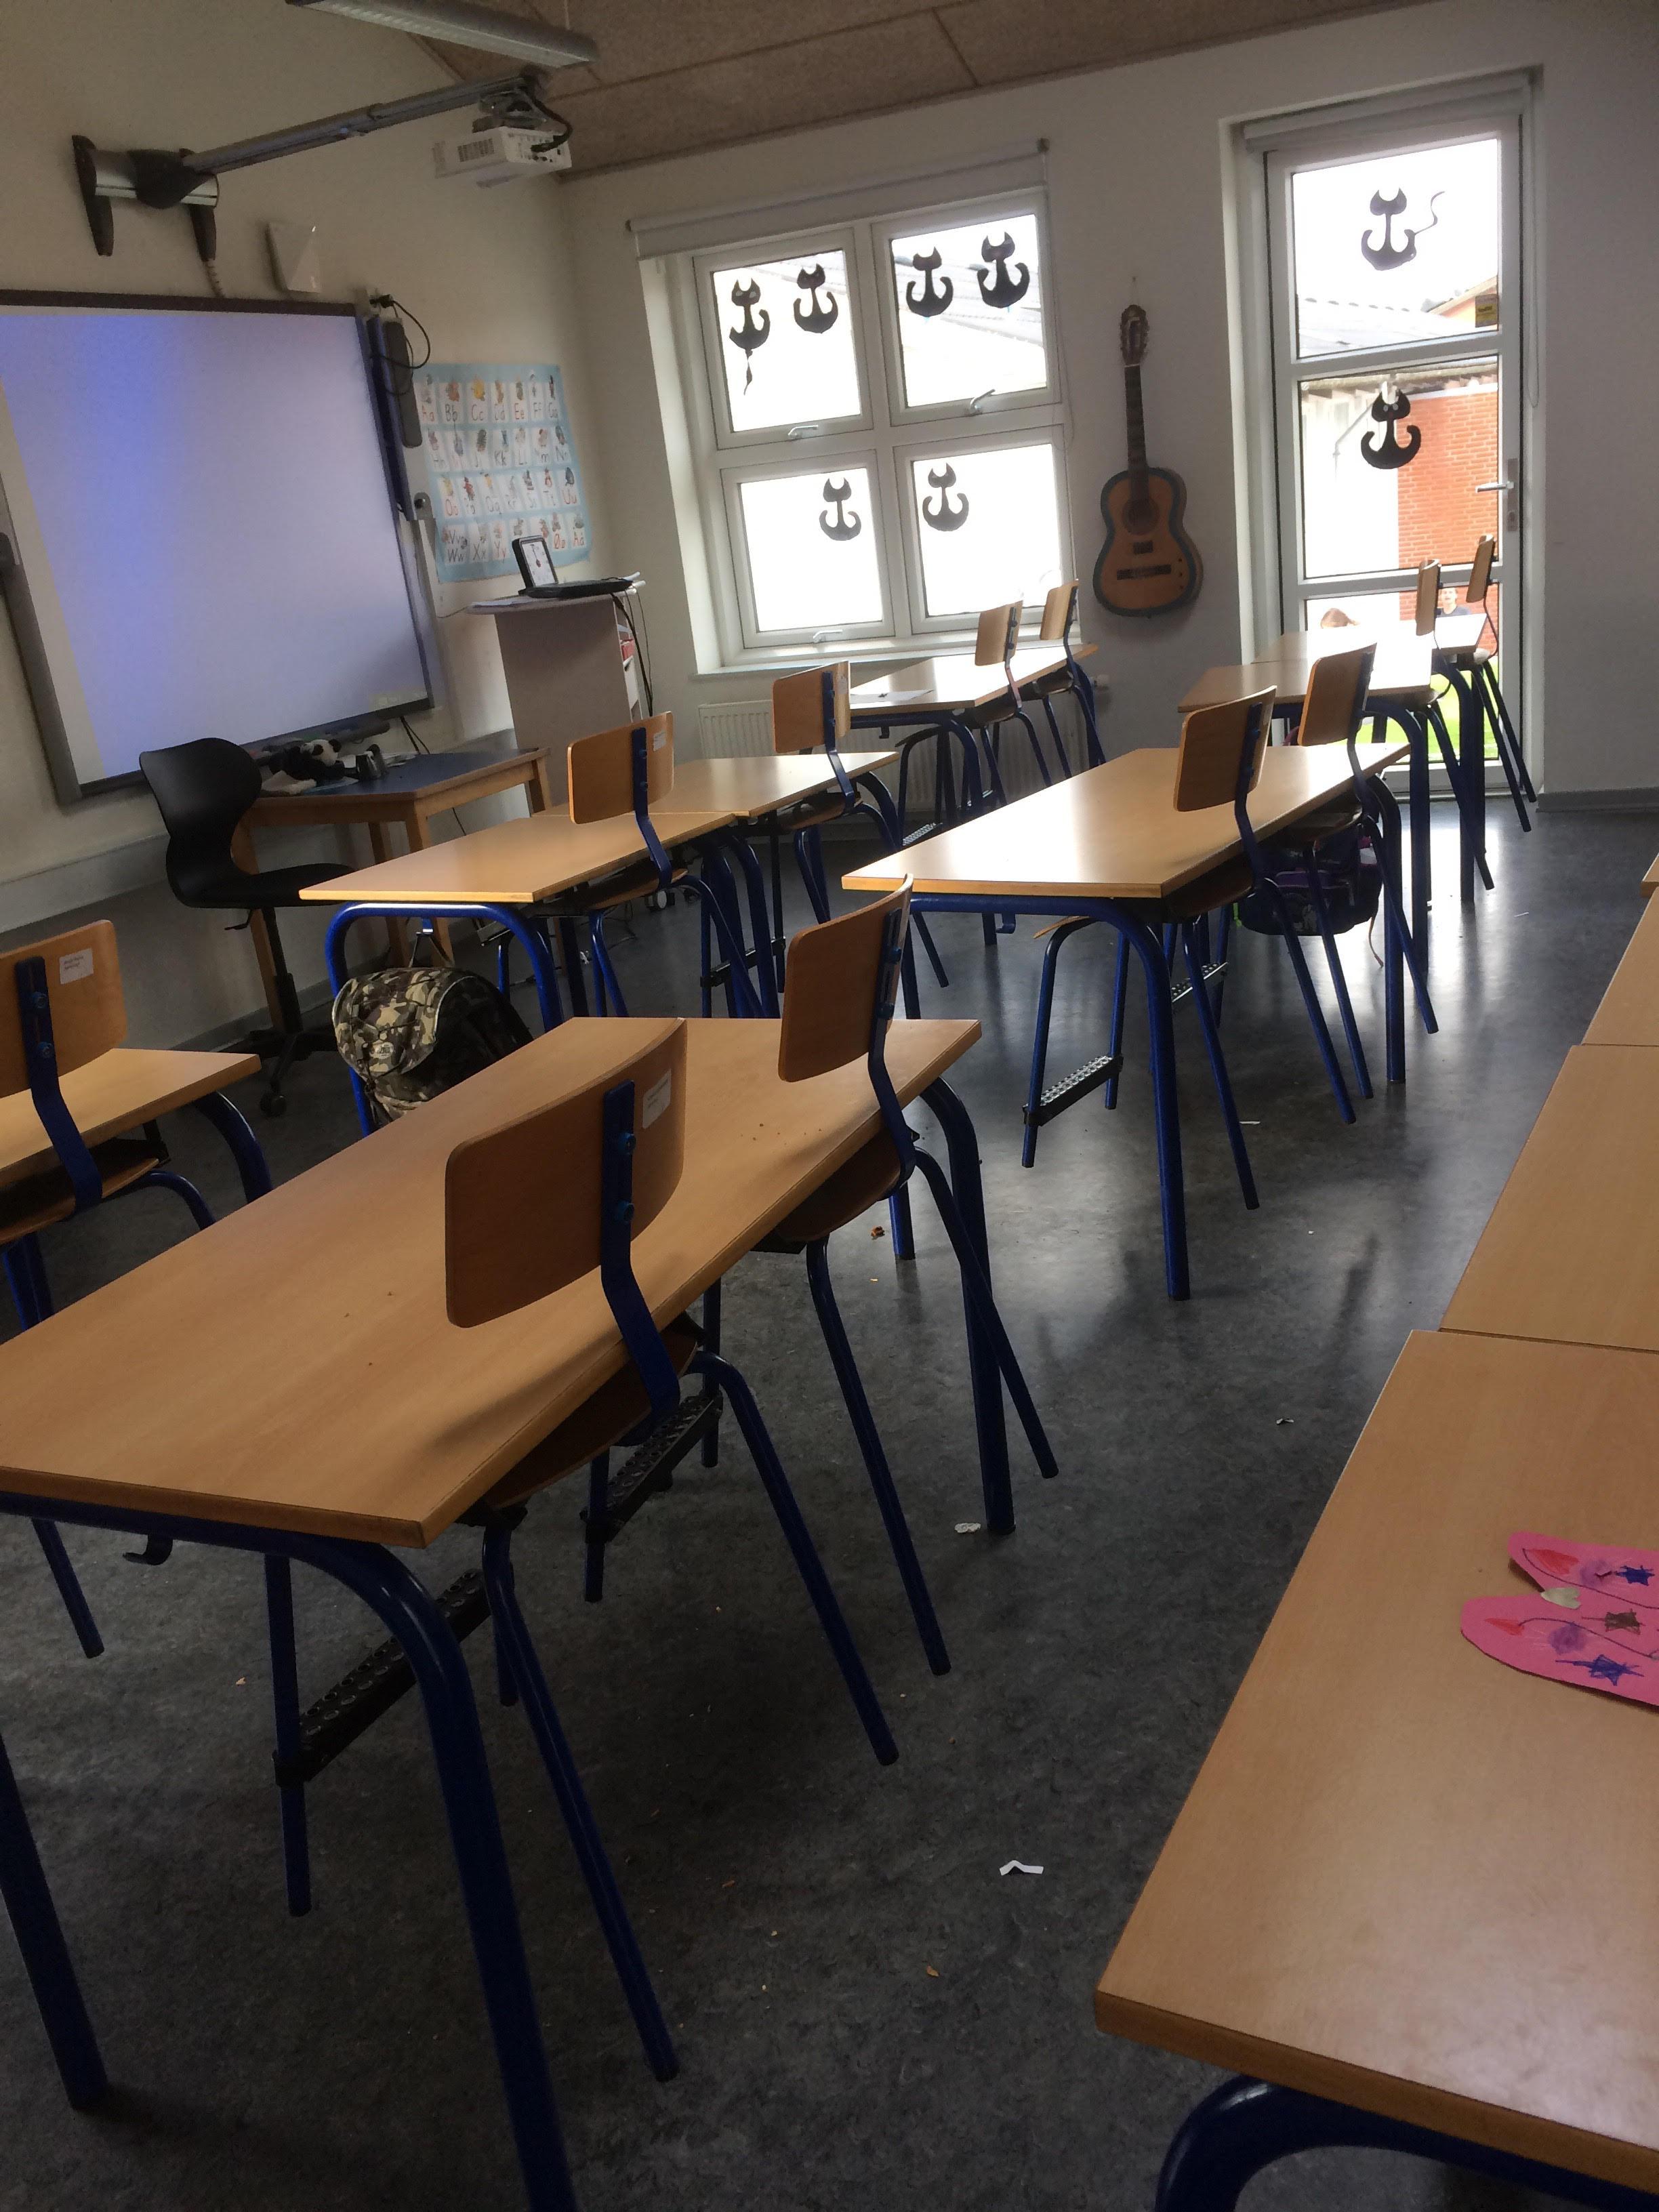 Skolemøbler fra Balle friskole, 7182 Bredsten